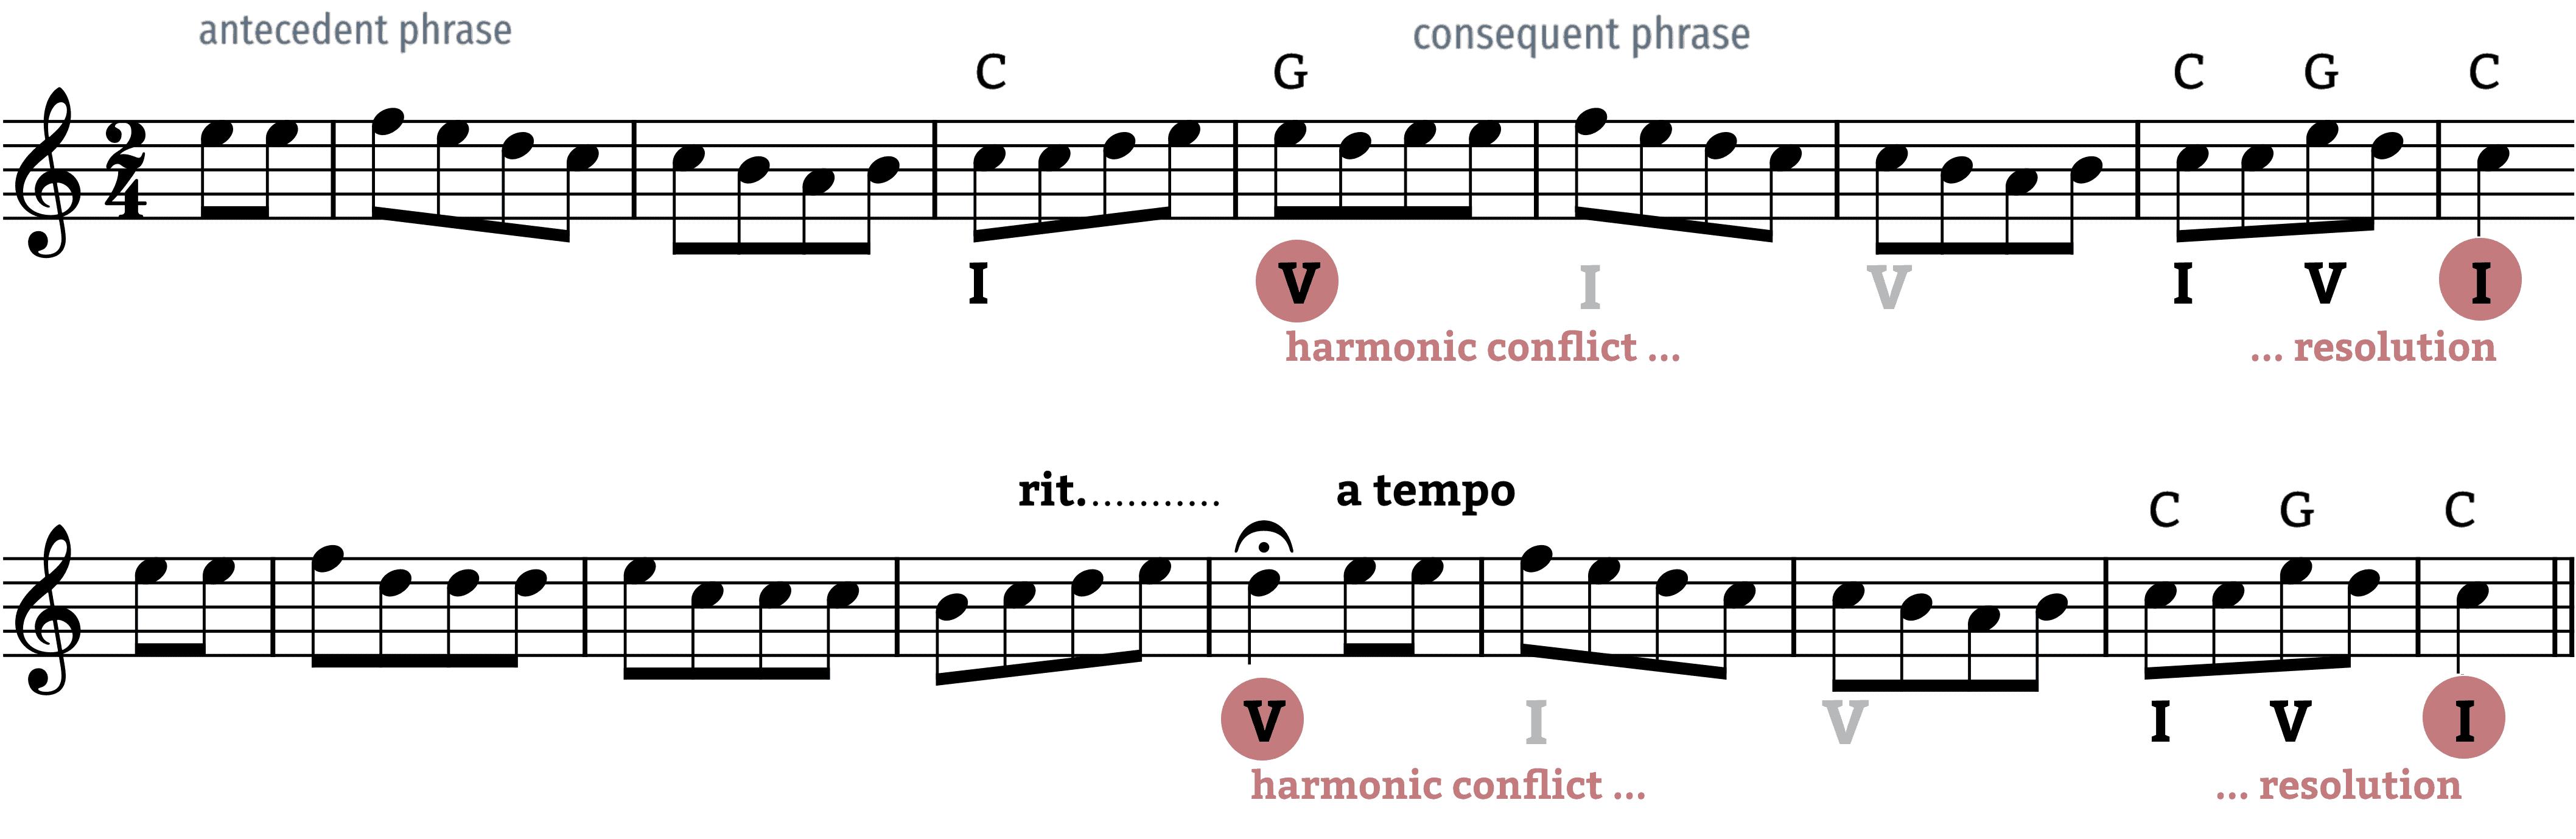 chorale-fantasy-whole-theme analyzed